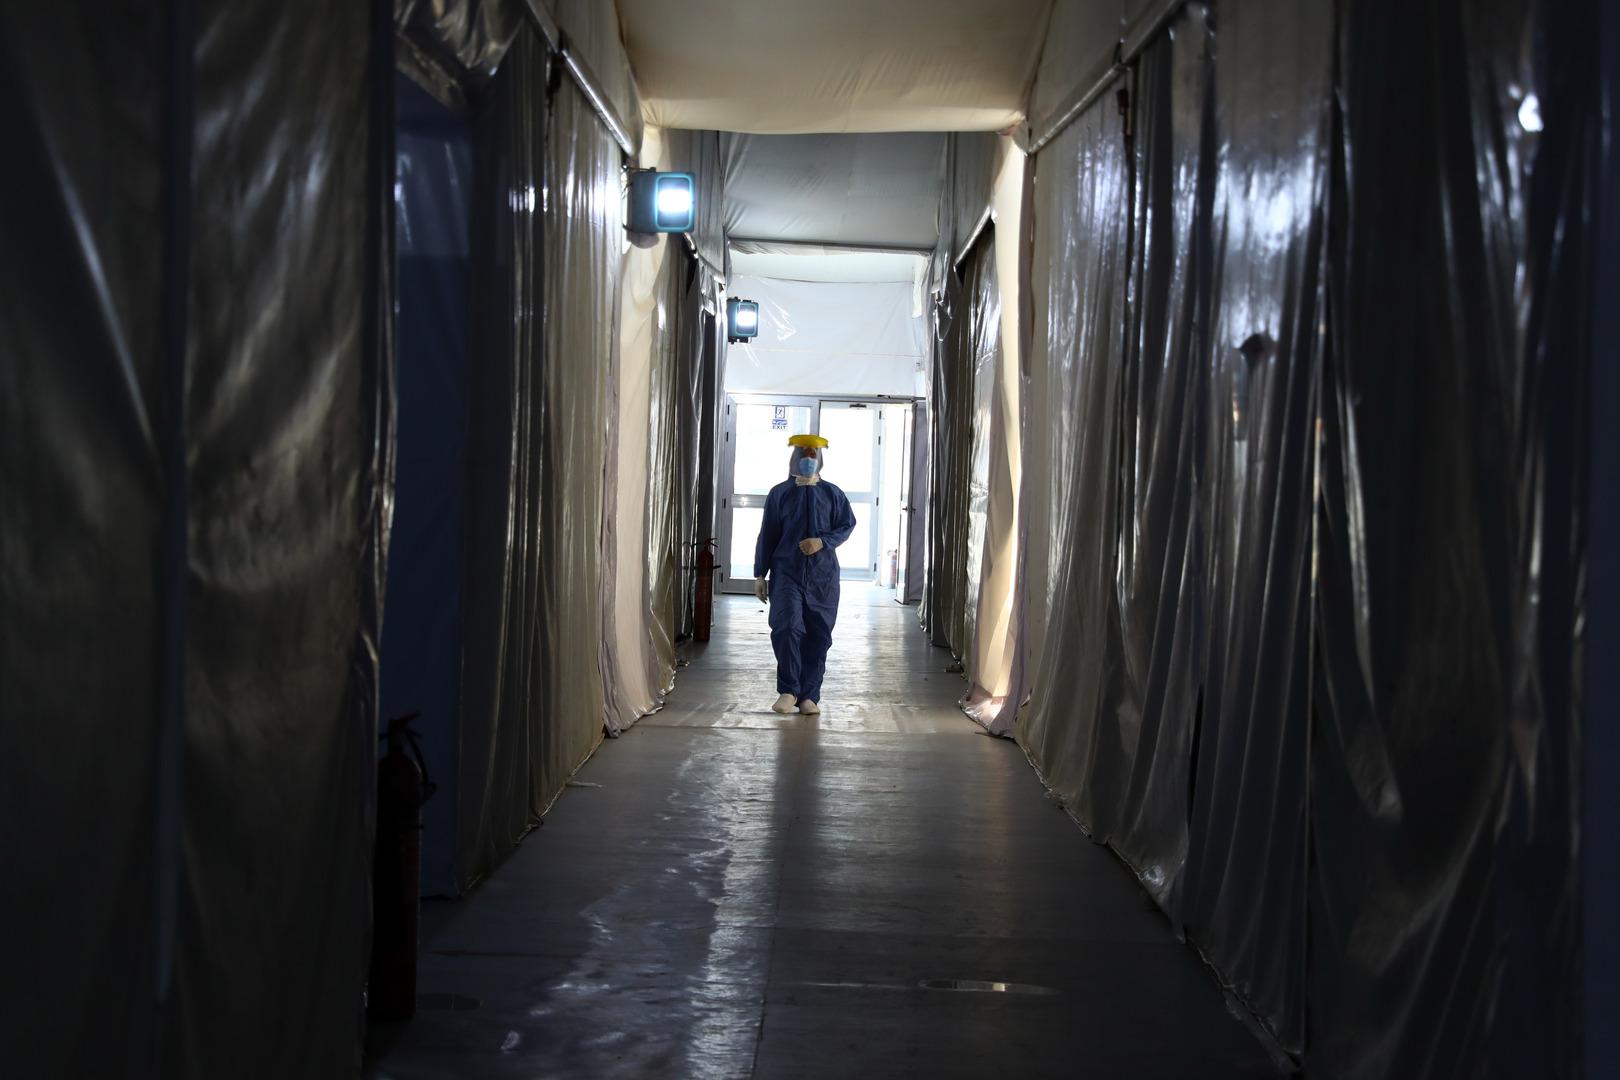 الصحة الفلسطينية: نسبة الوفيات جراء كورونا في قطاع غزة من أقل النسب المسجلة عالميا